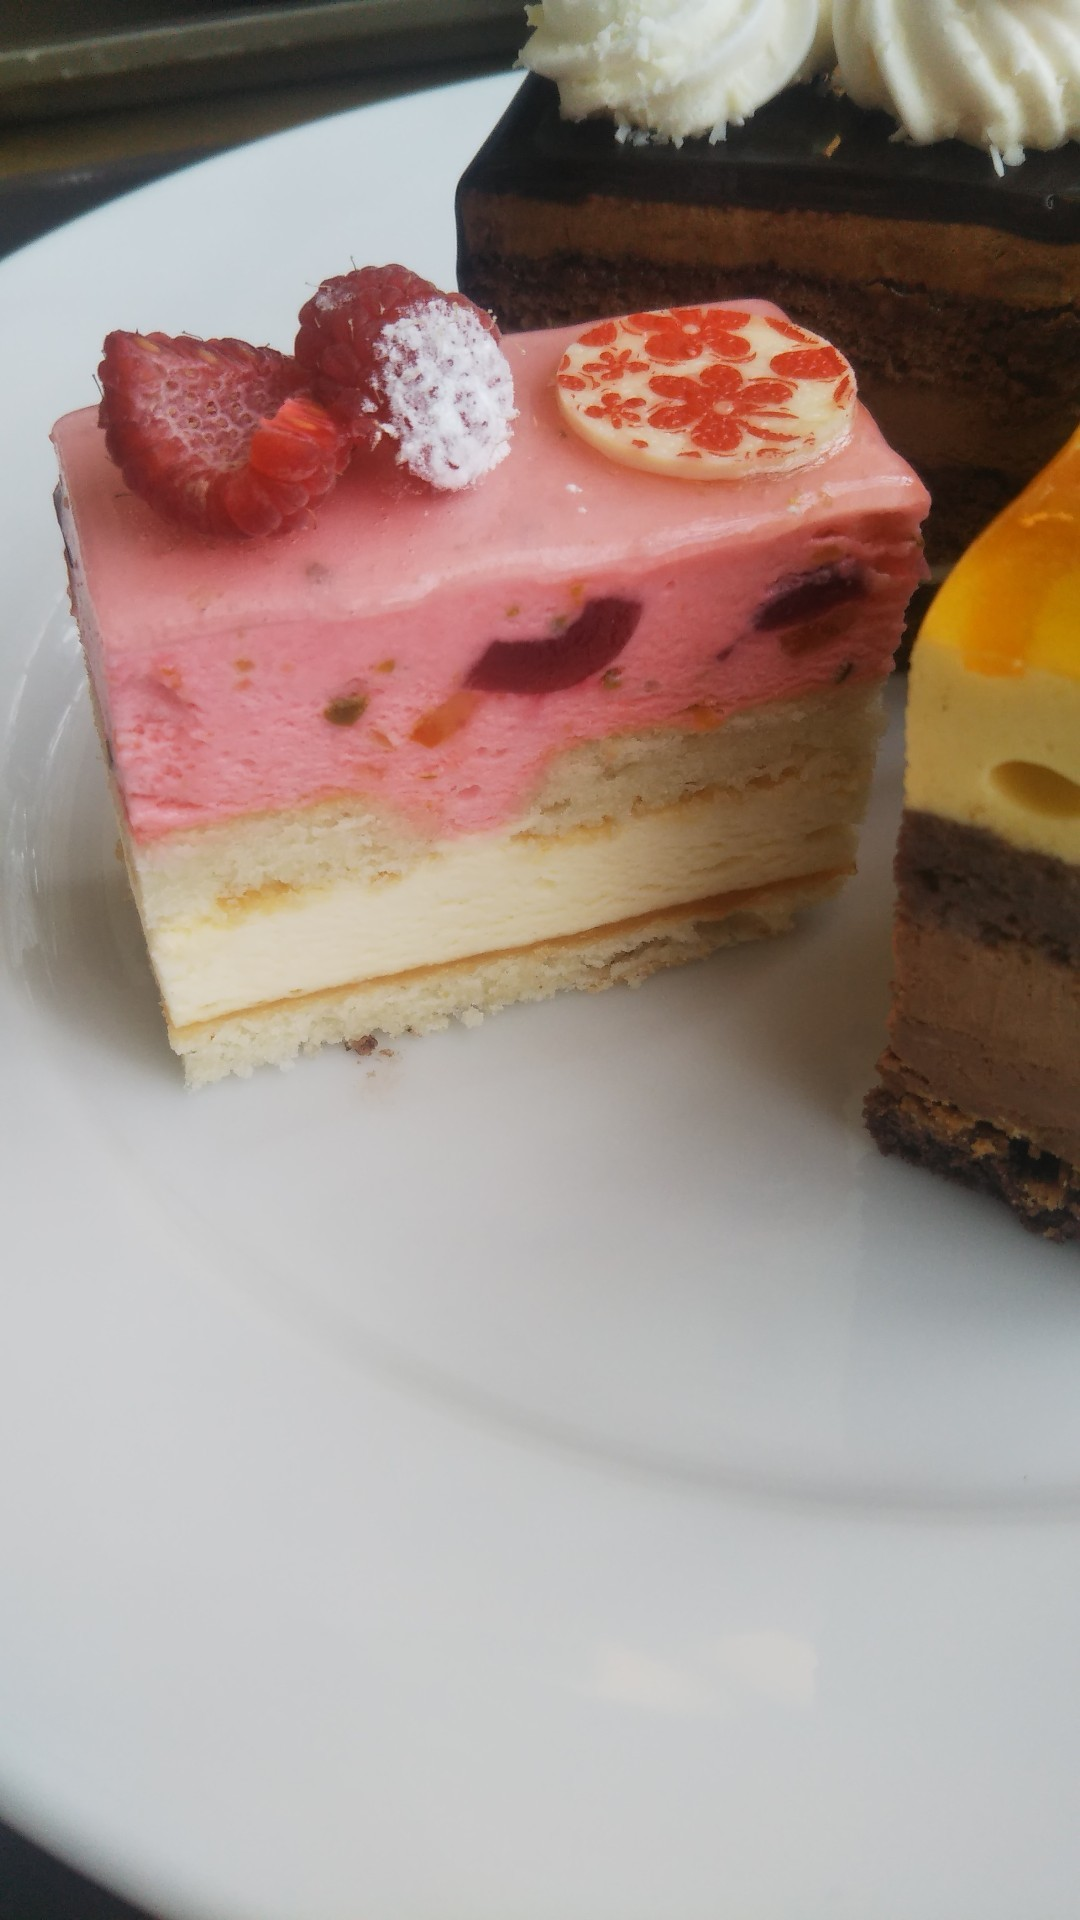 シャトレーゼ ガトーキングダムサッポロ ヴィーニュ Dessert Buffet~夏のべジスイーツフェア~_f0076001_23465830.jpg